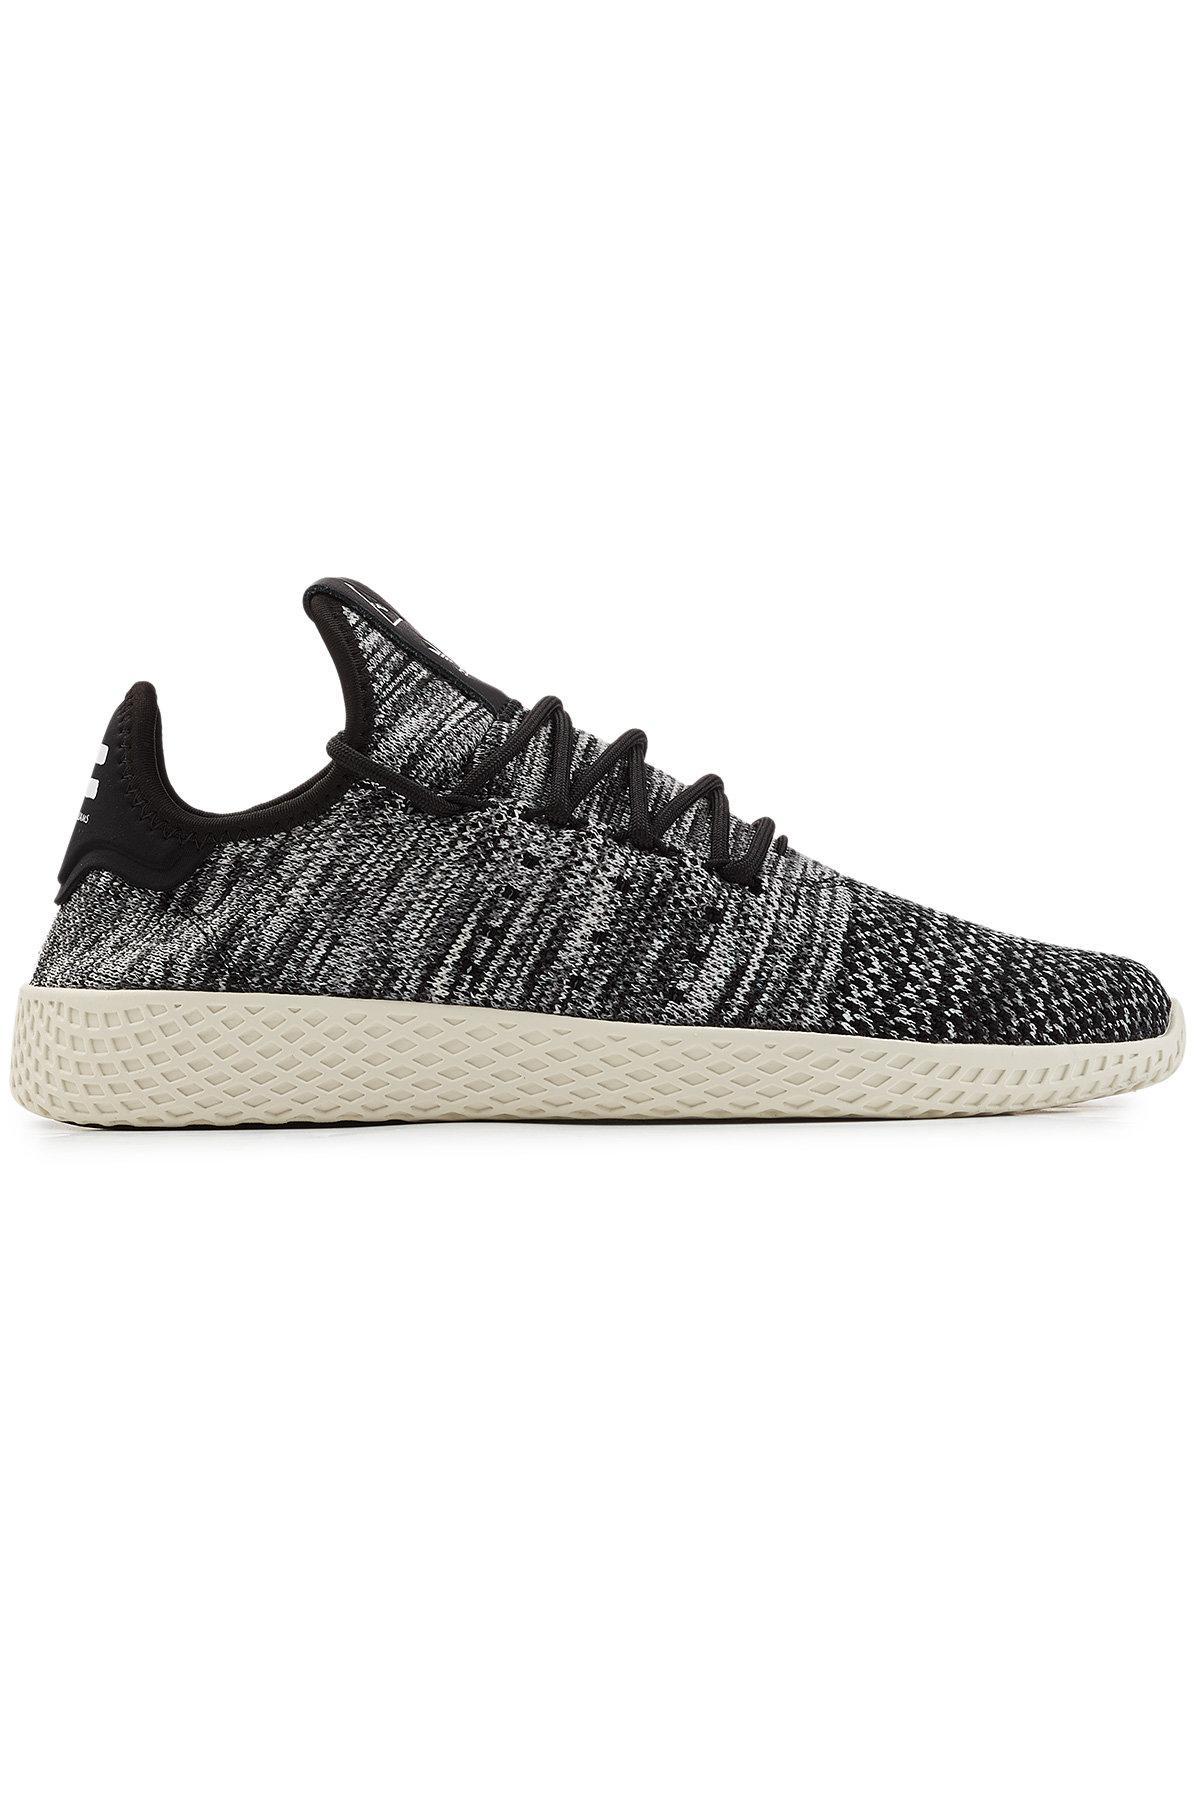 22cb724f1 Adidas Originals - Black Tennis Hu X Pharrell Williams Primeknit Sneakers -  Lyst. View fullscreen